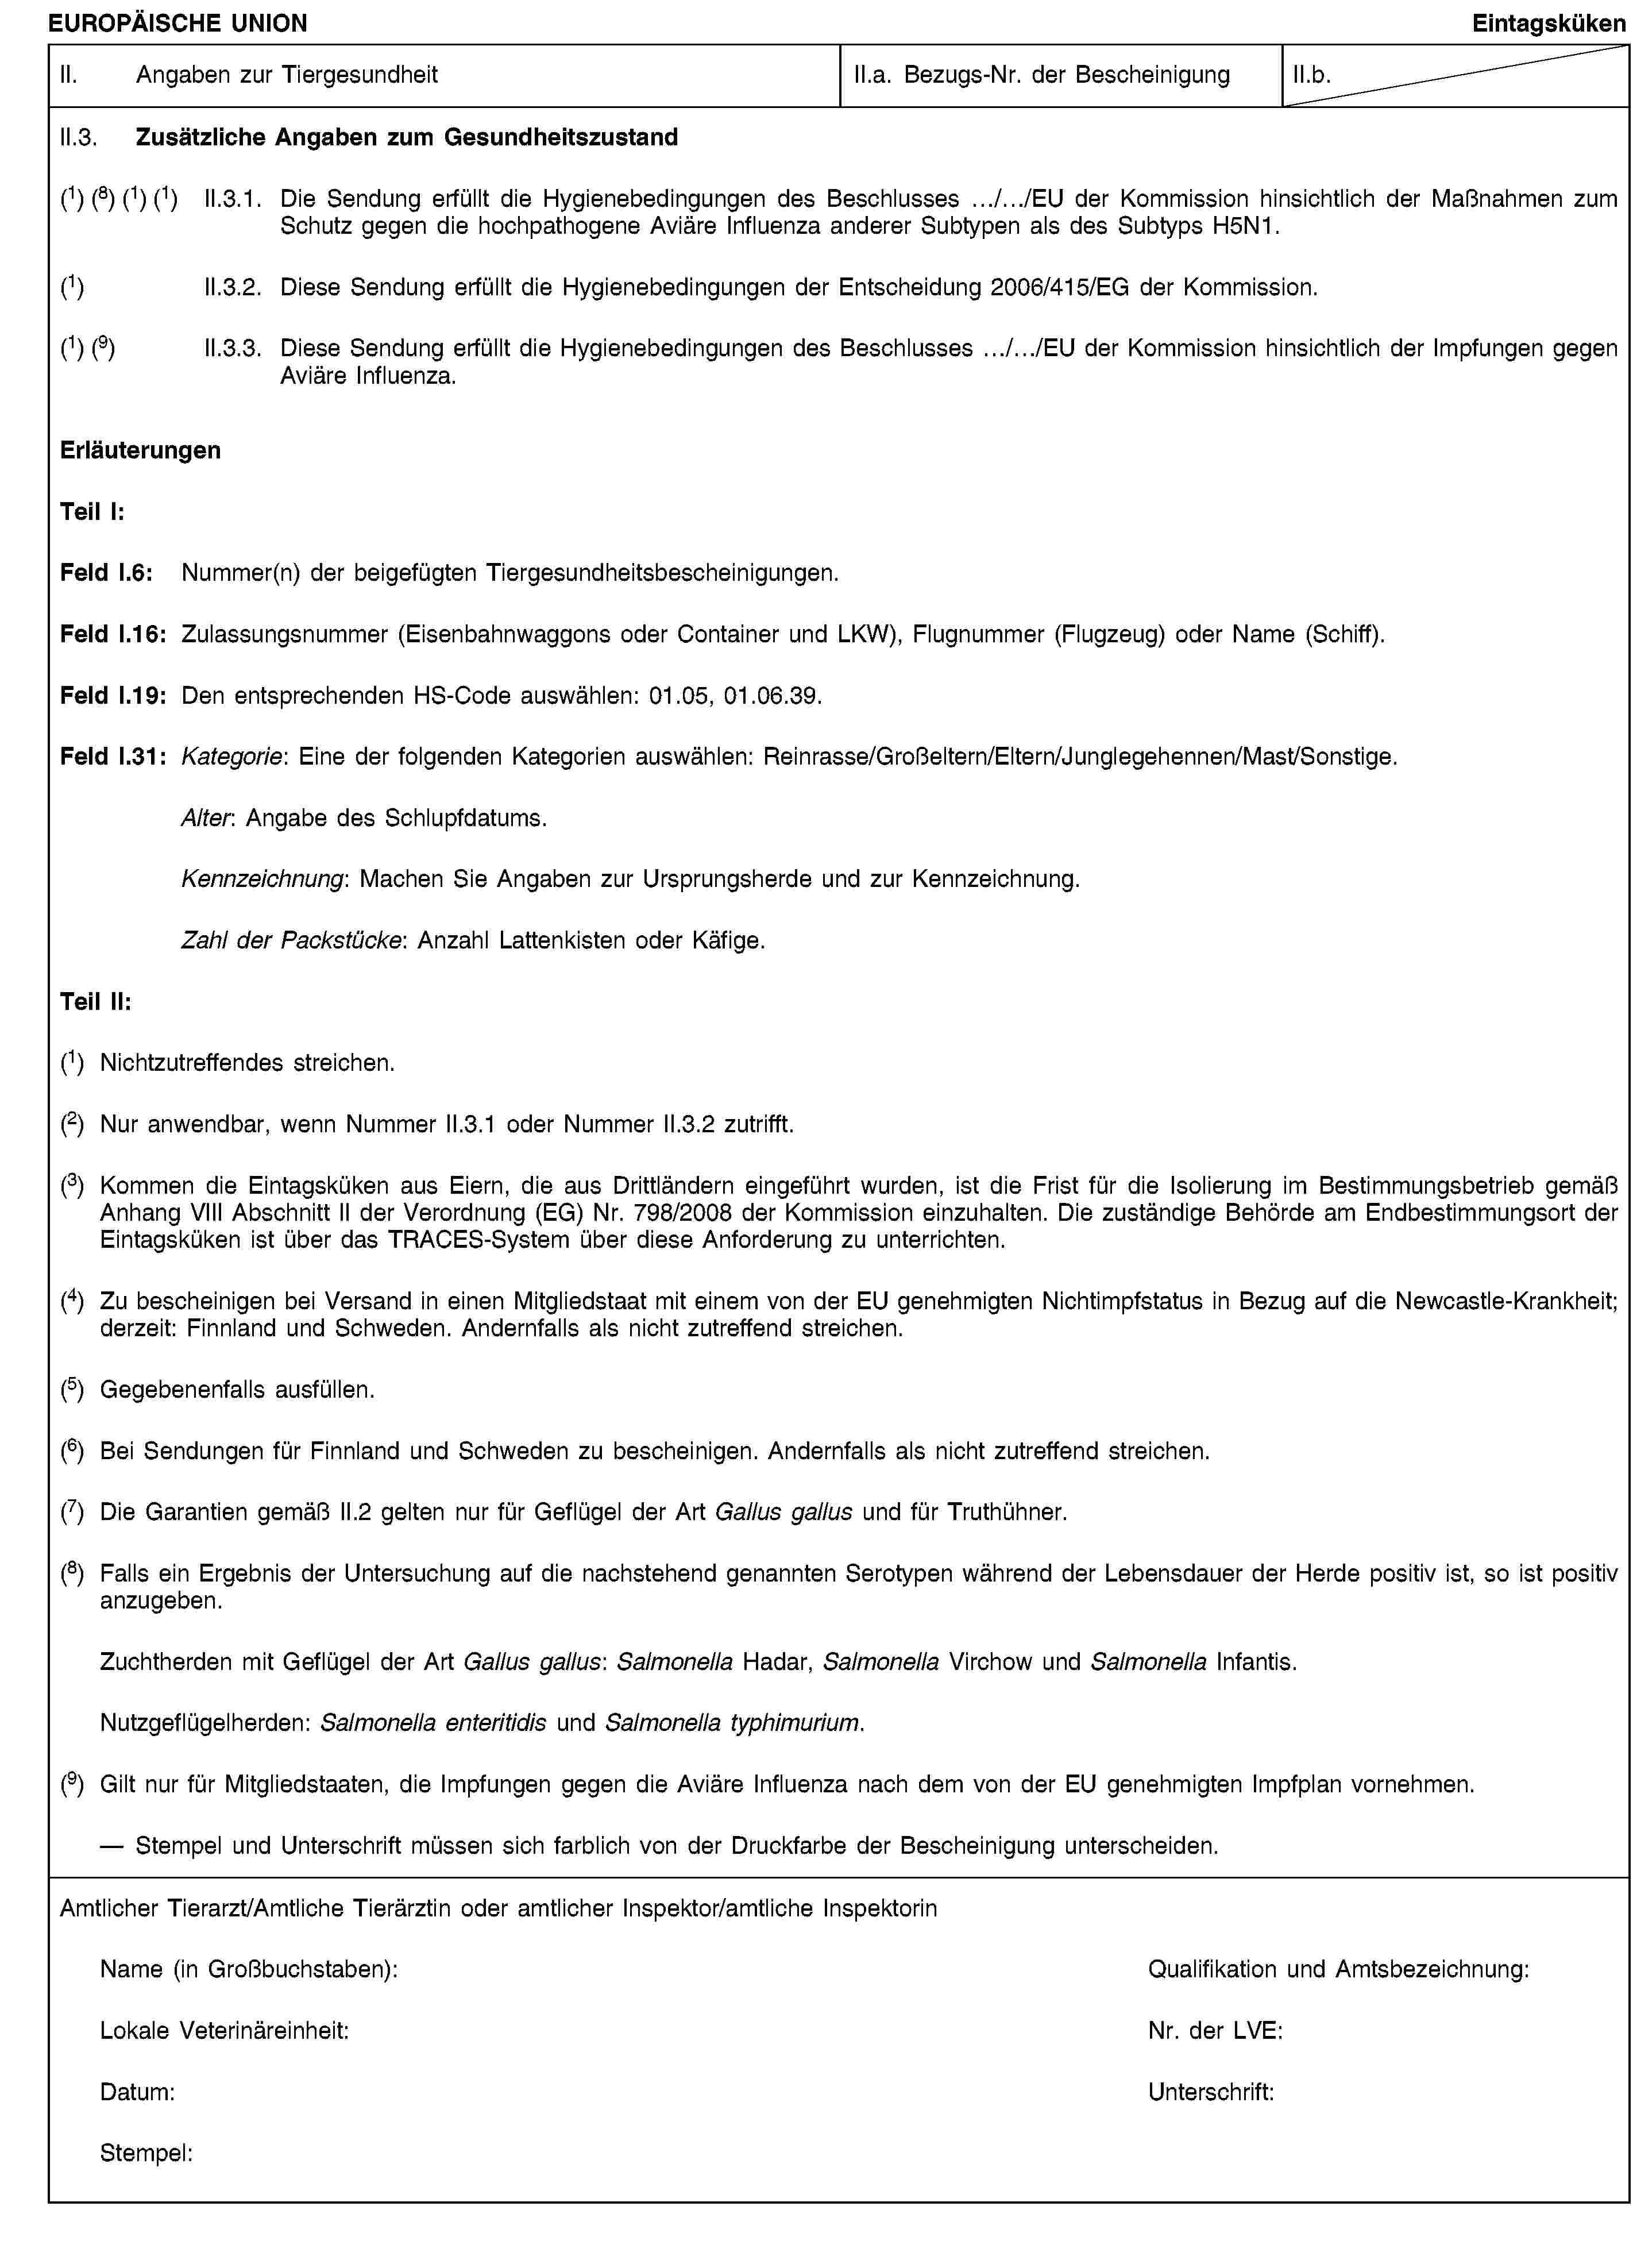 Berühmt Kohler Waschbecken Vorlagen Ideen - Entry Level Resume ...